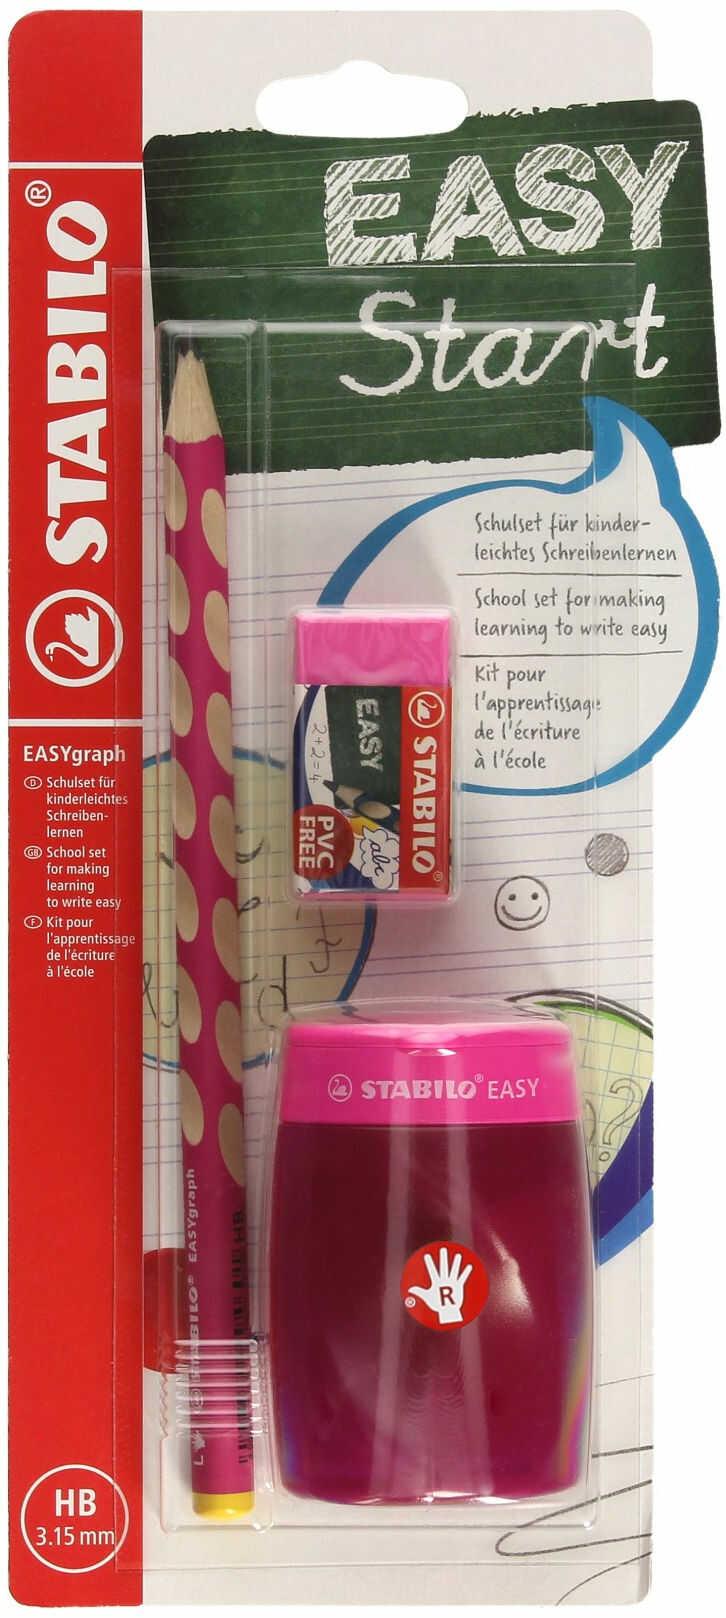 Ołówek do nauki pisania dla praworęcznych HB różowy Easygraph SchoolSet + temperówka i gumka